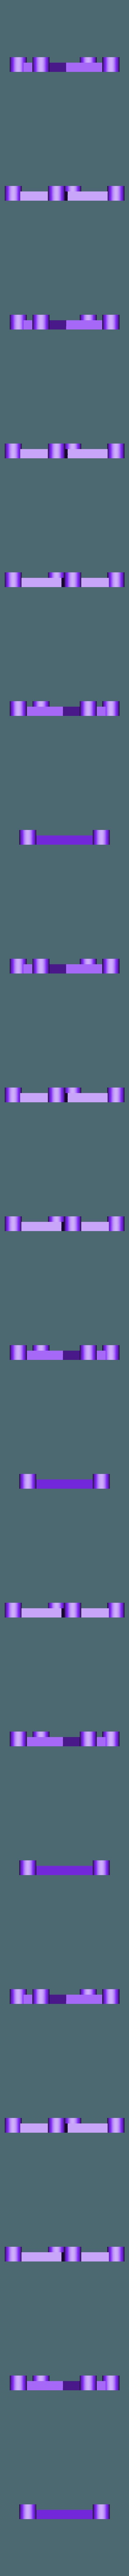 Bottom_spacer_v2_v19.stl Télécharger fichier STL gratuit GepRC MX3 - Auvent de cosse de moineau • Design imprimable en 3D, nik101968